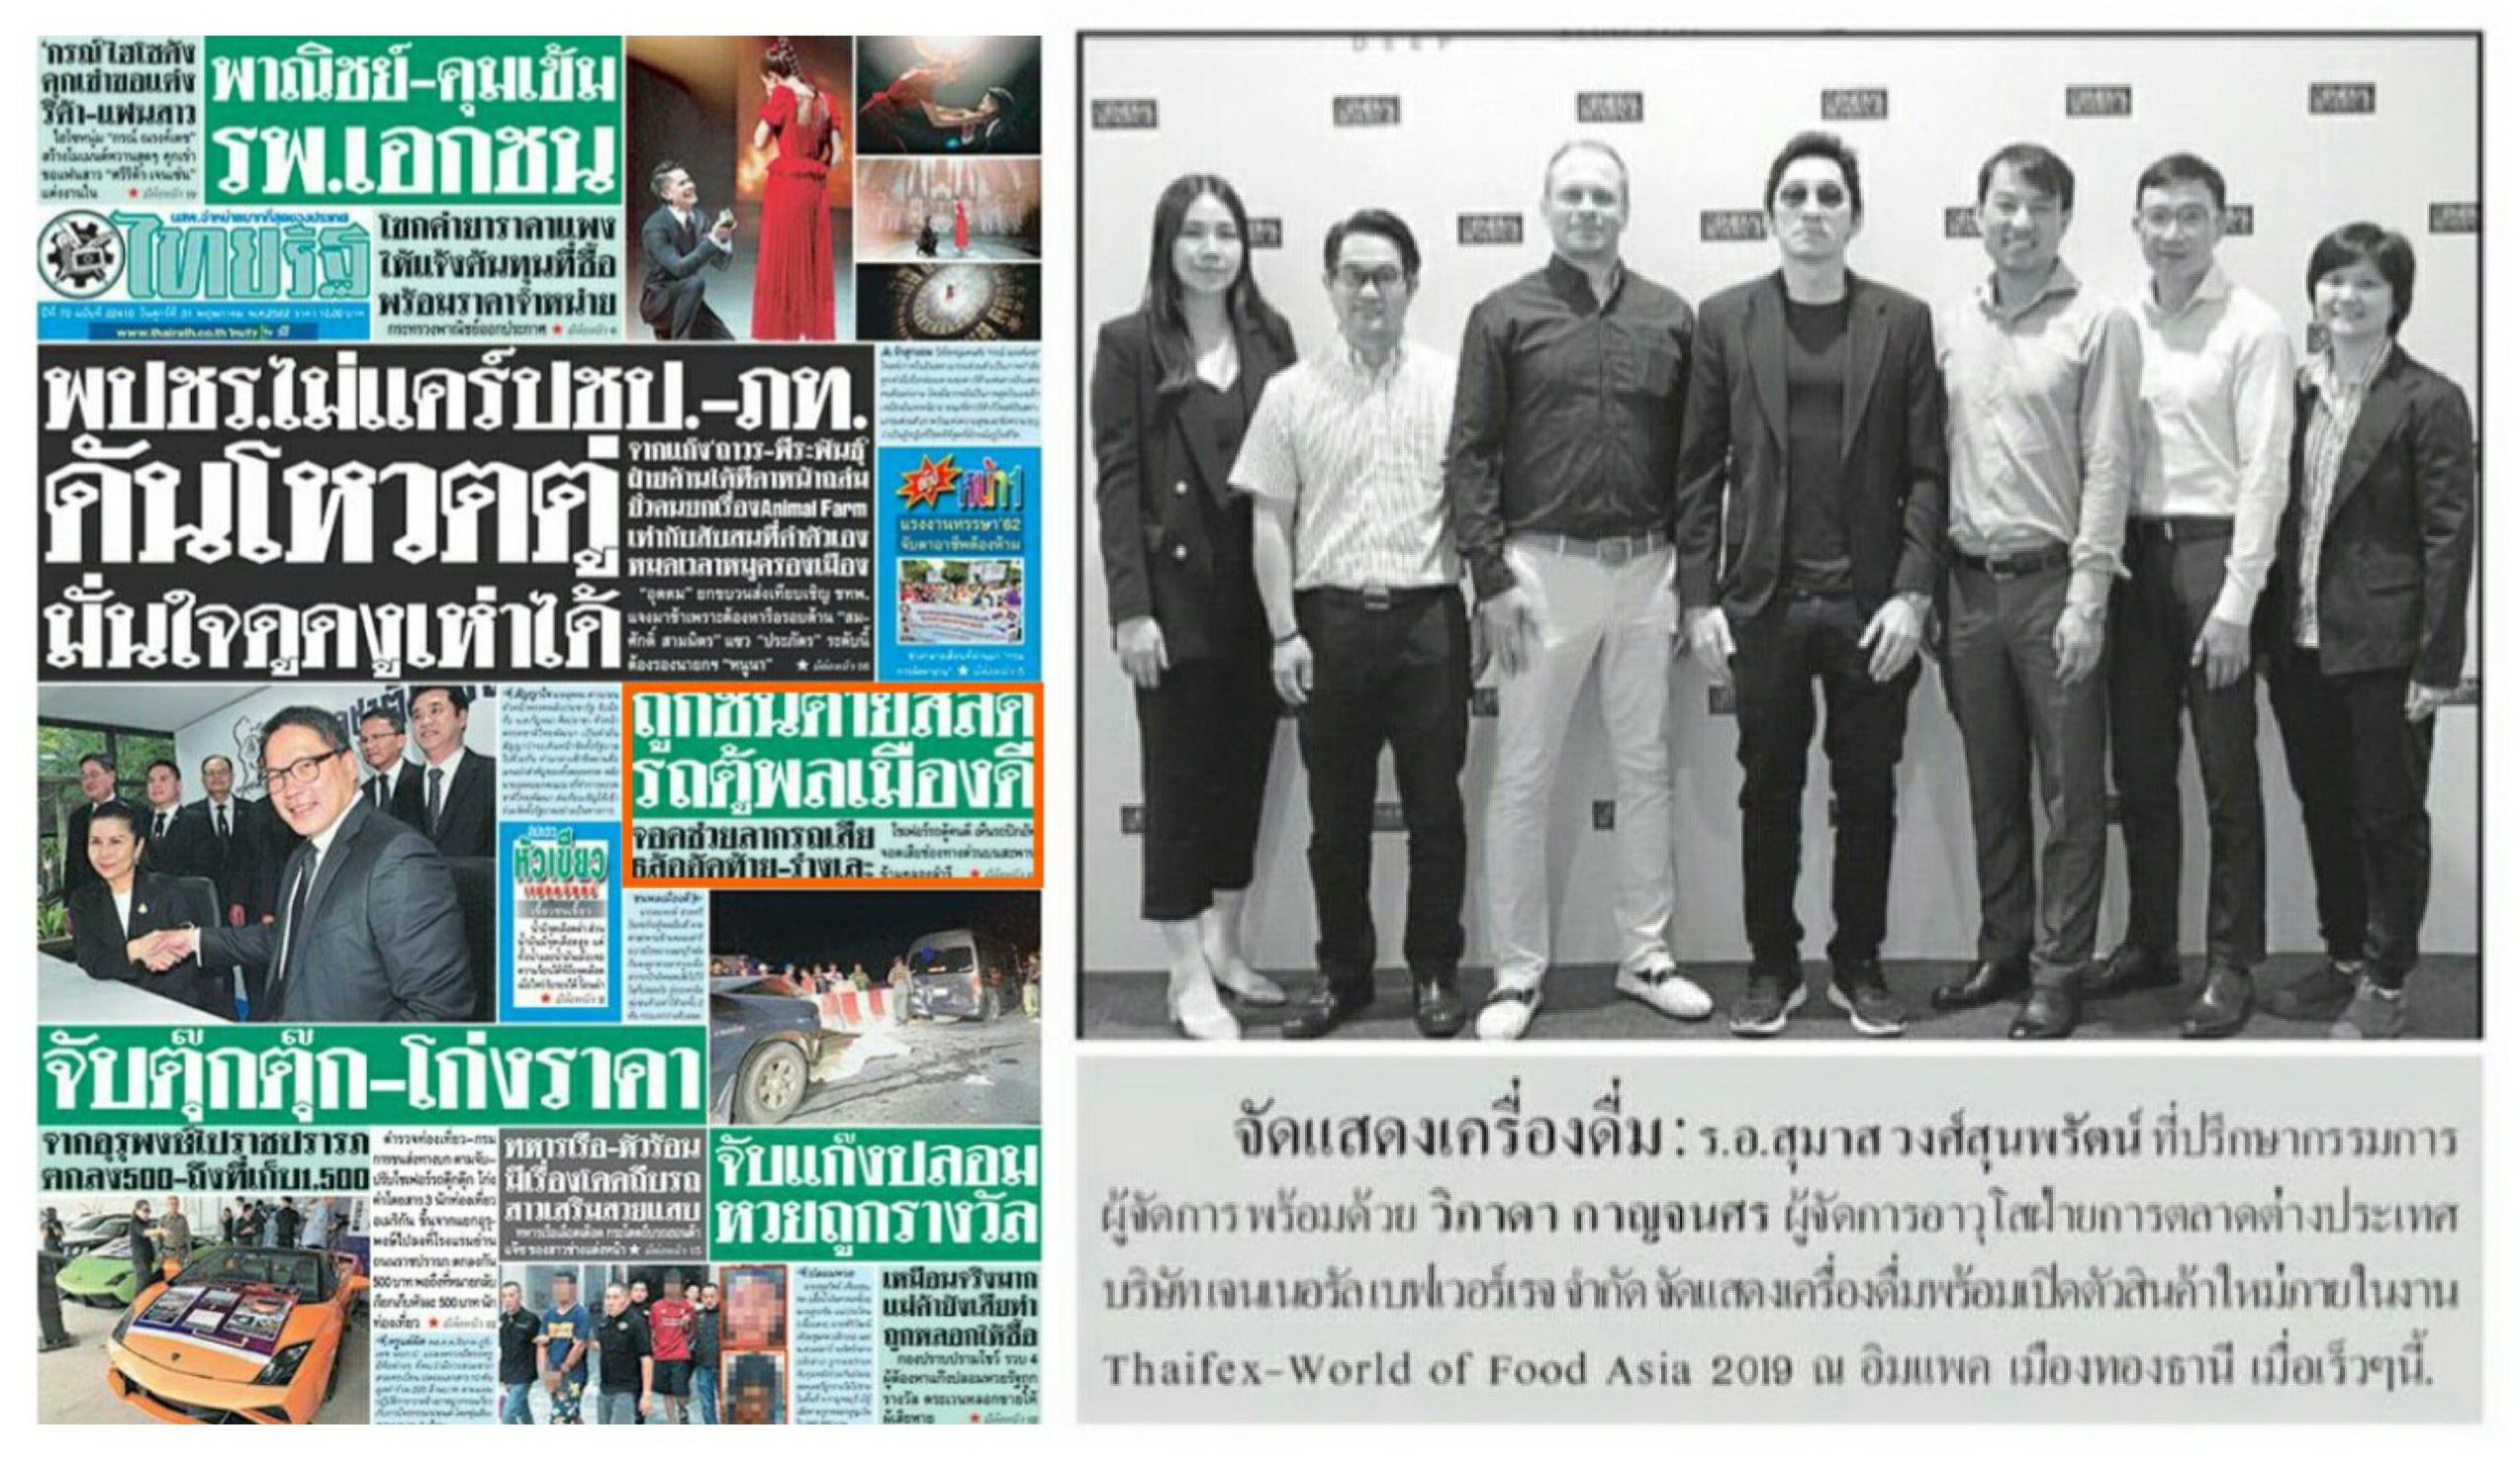 Thaifex 2019 Bangkok 24 Thai Rath